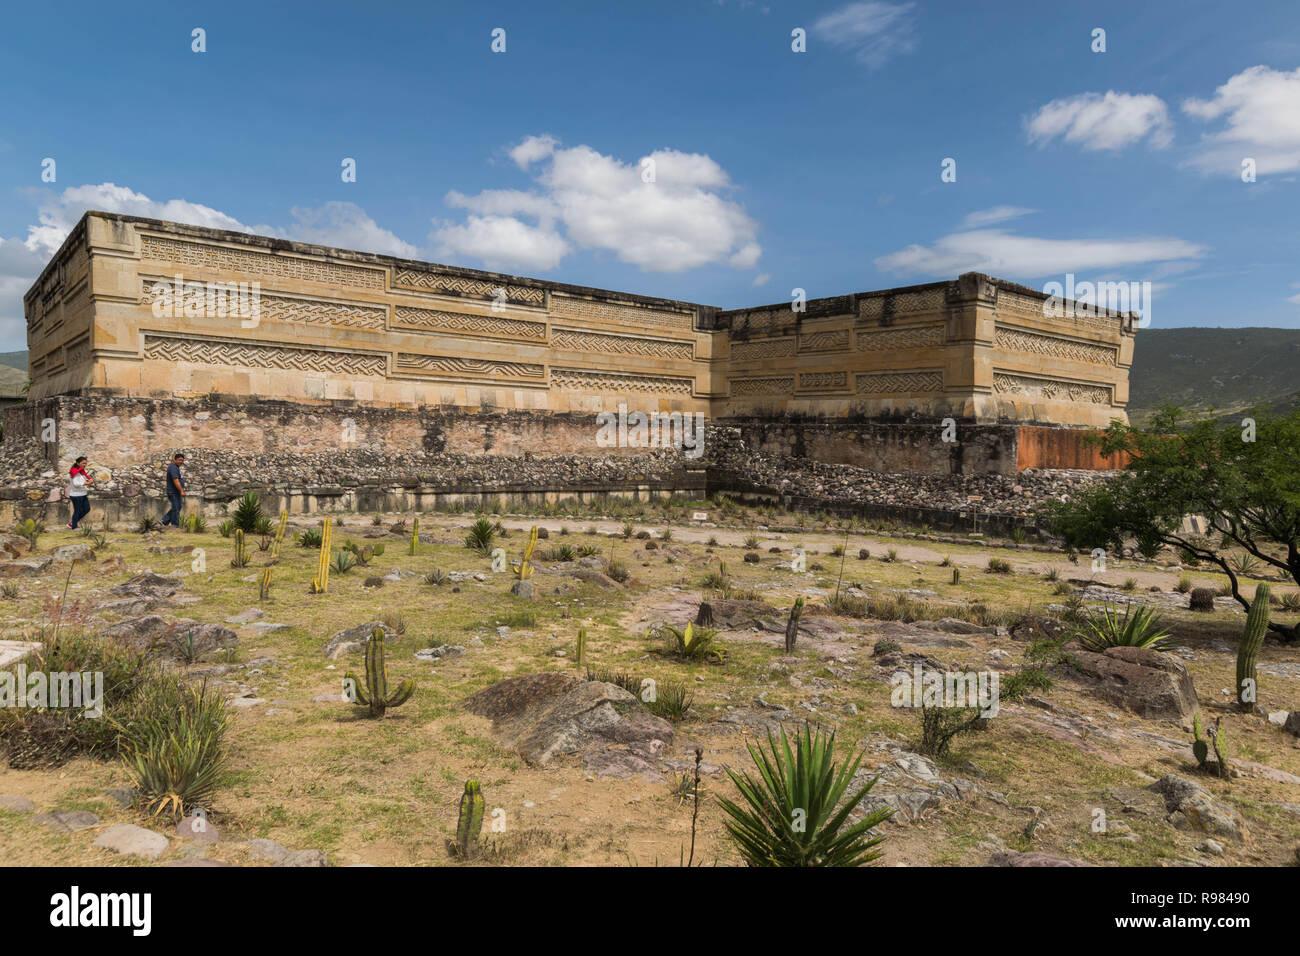 Ruinen in Mitla, mit trockenen Landschaft, viele Kakteen und einem bewölkten Himmel, in Oaxaca, Mexiko Stockbild